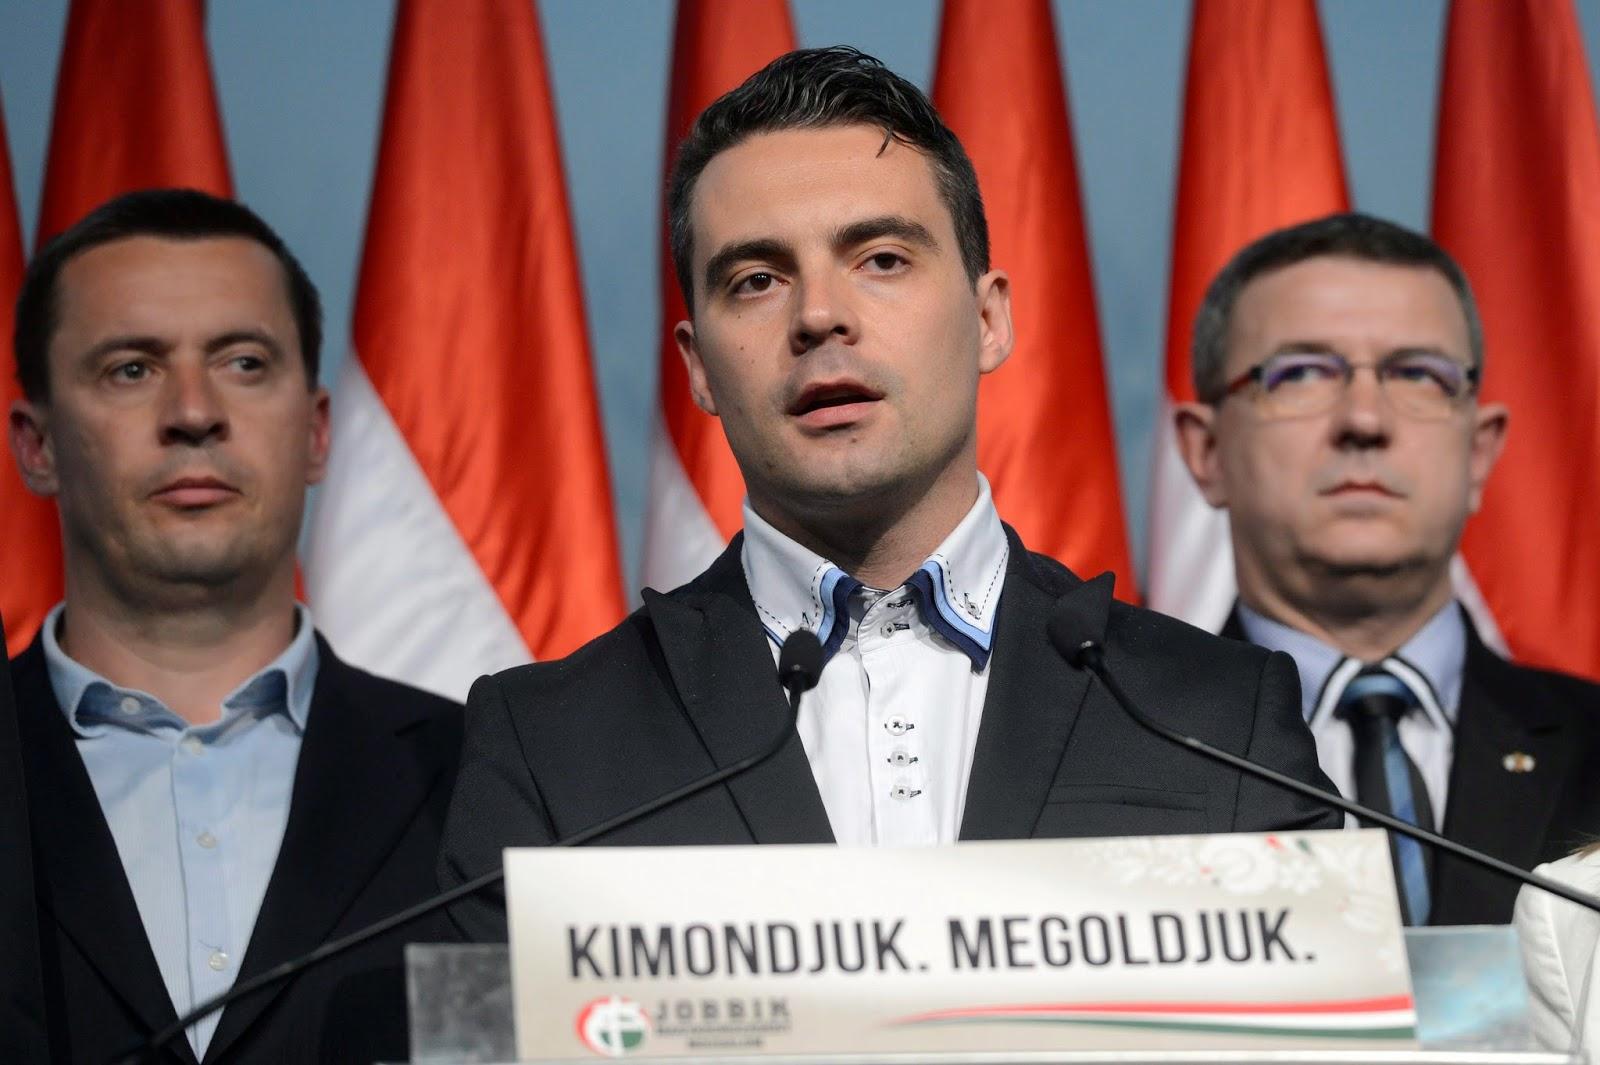 Fidesz, választások, Magyarország, Orbán Viktor, Mesterházy Attila, MSZP, Gyurcsány Ferenc, Bajnai Gordon, Jobbik, Vona Gábor,